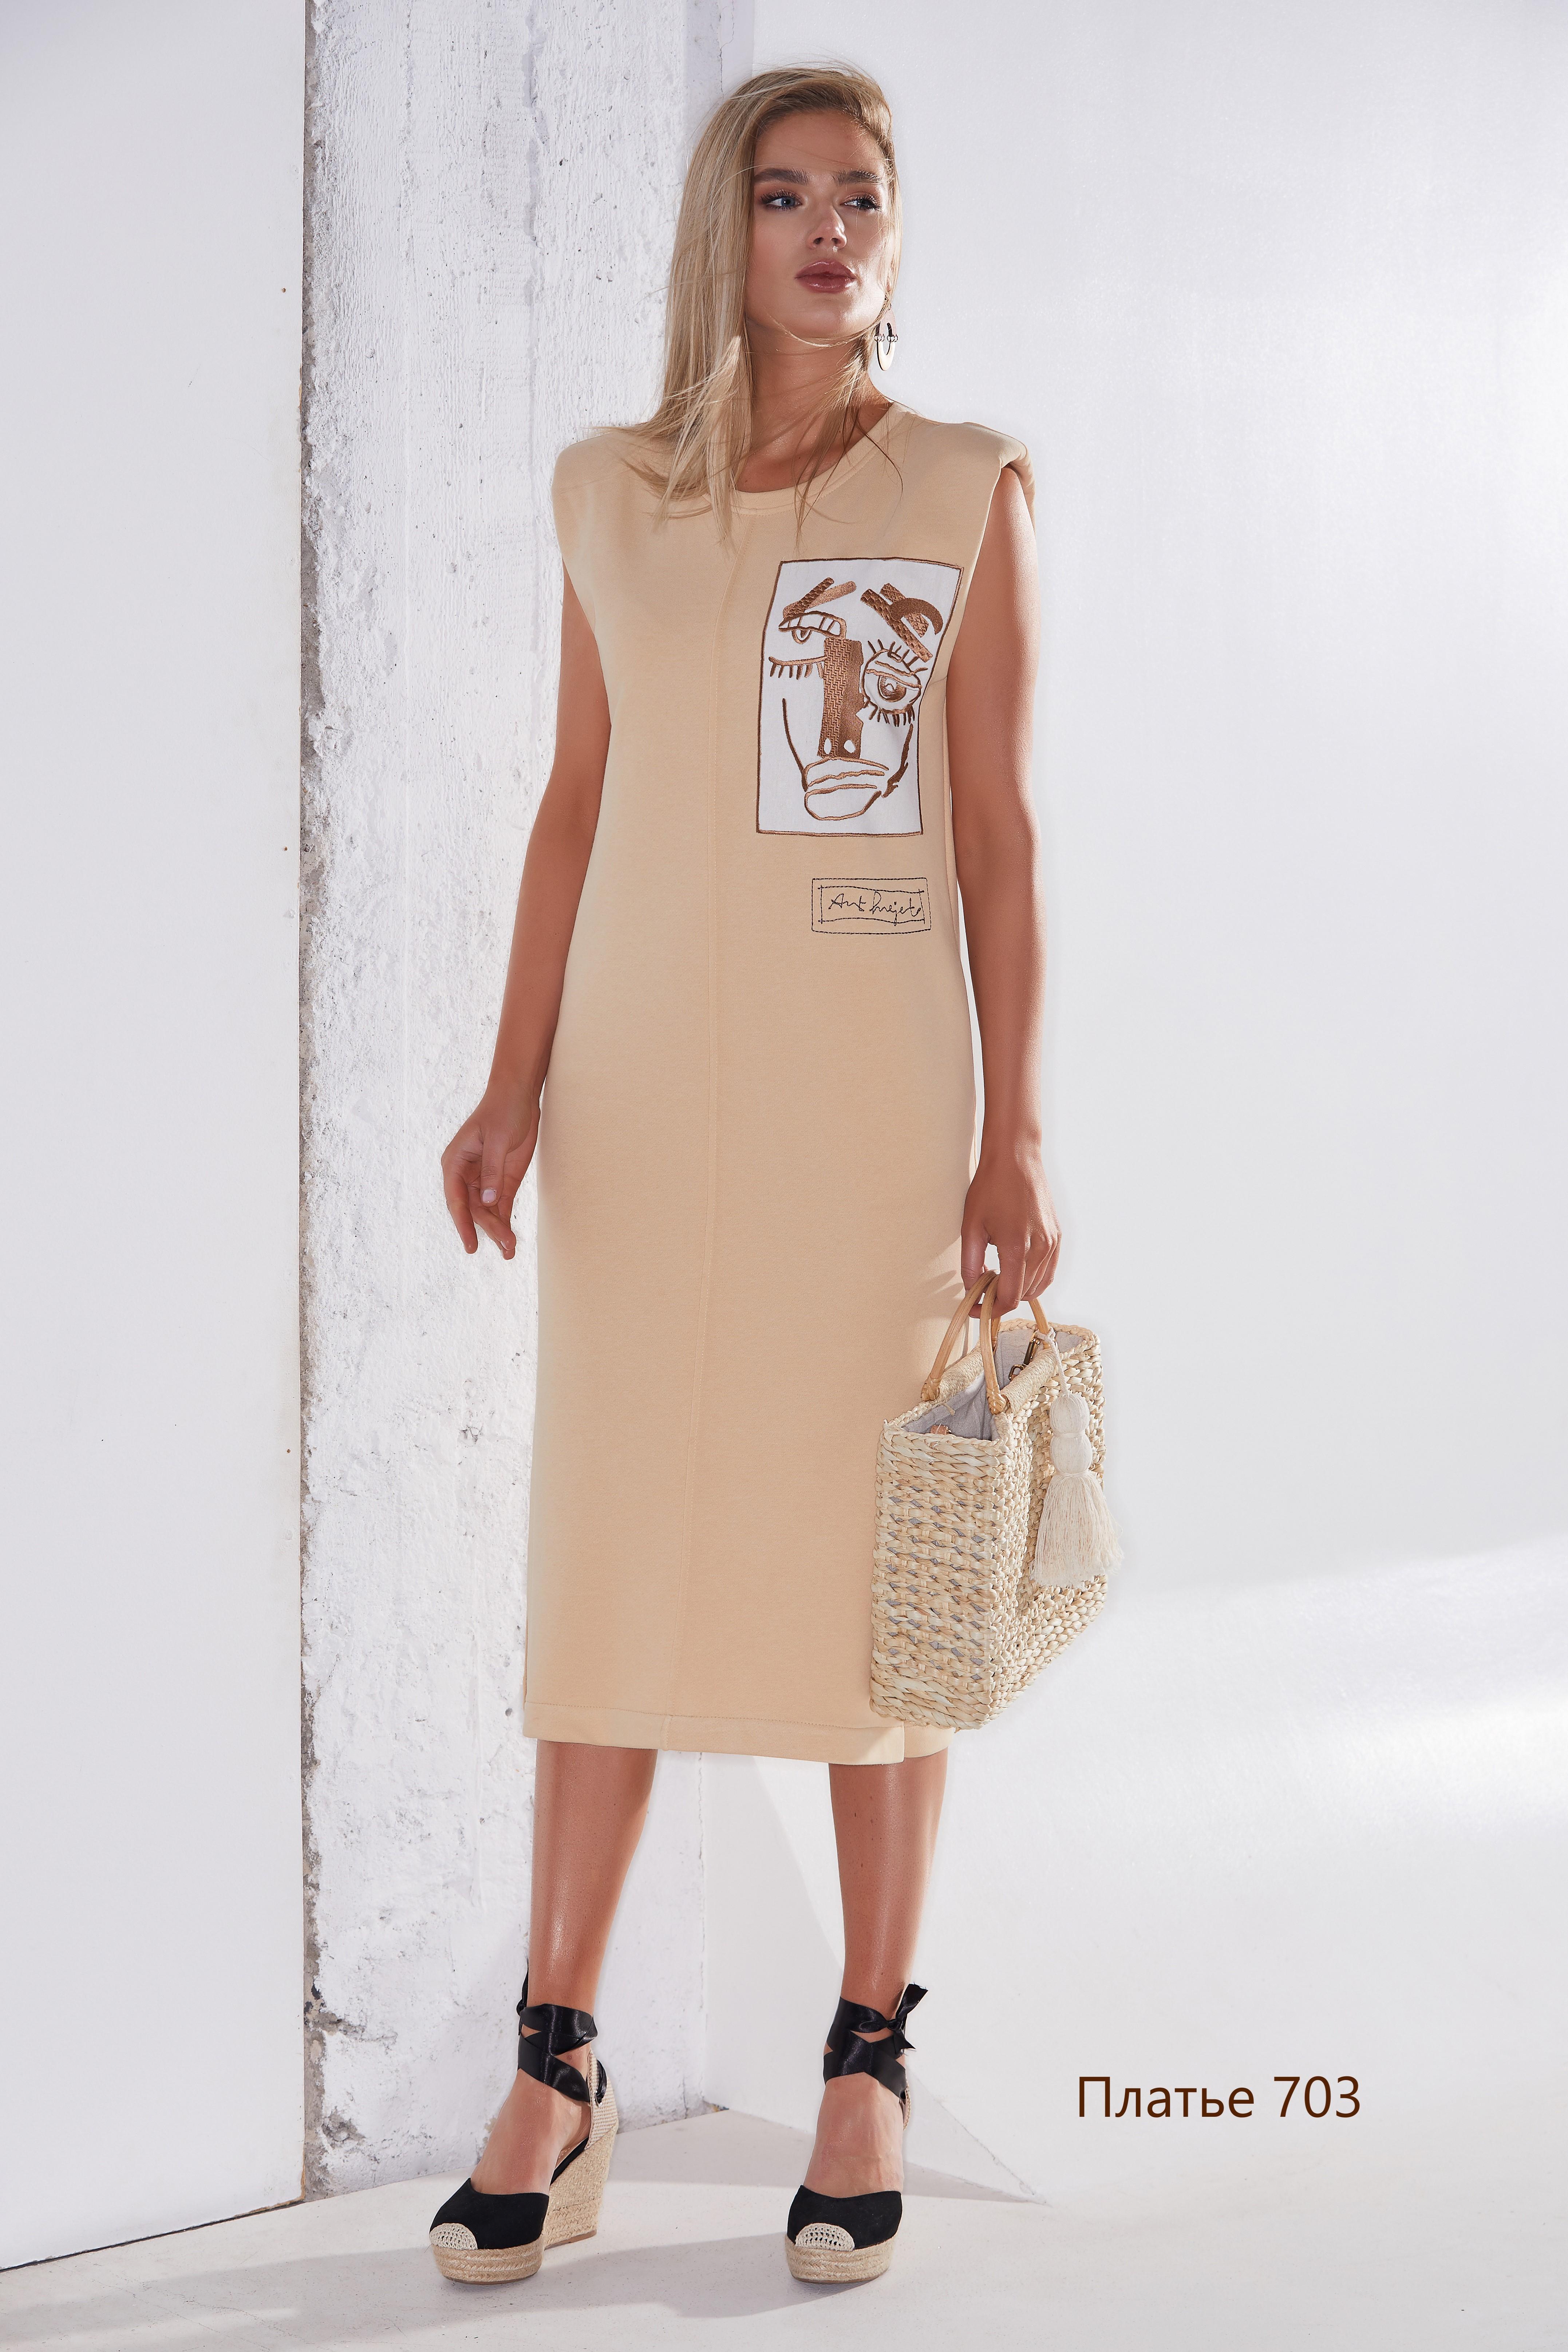 Платье 703 (1)